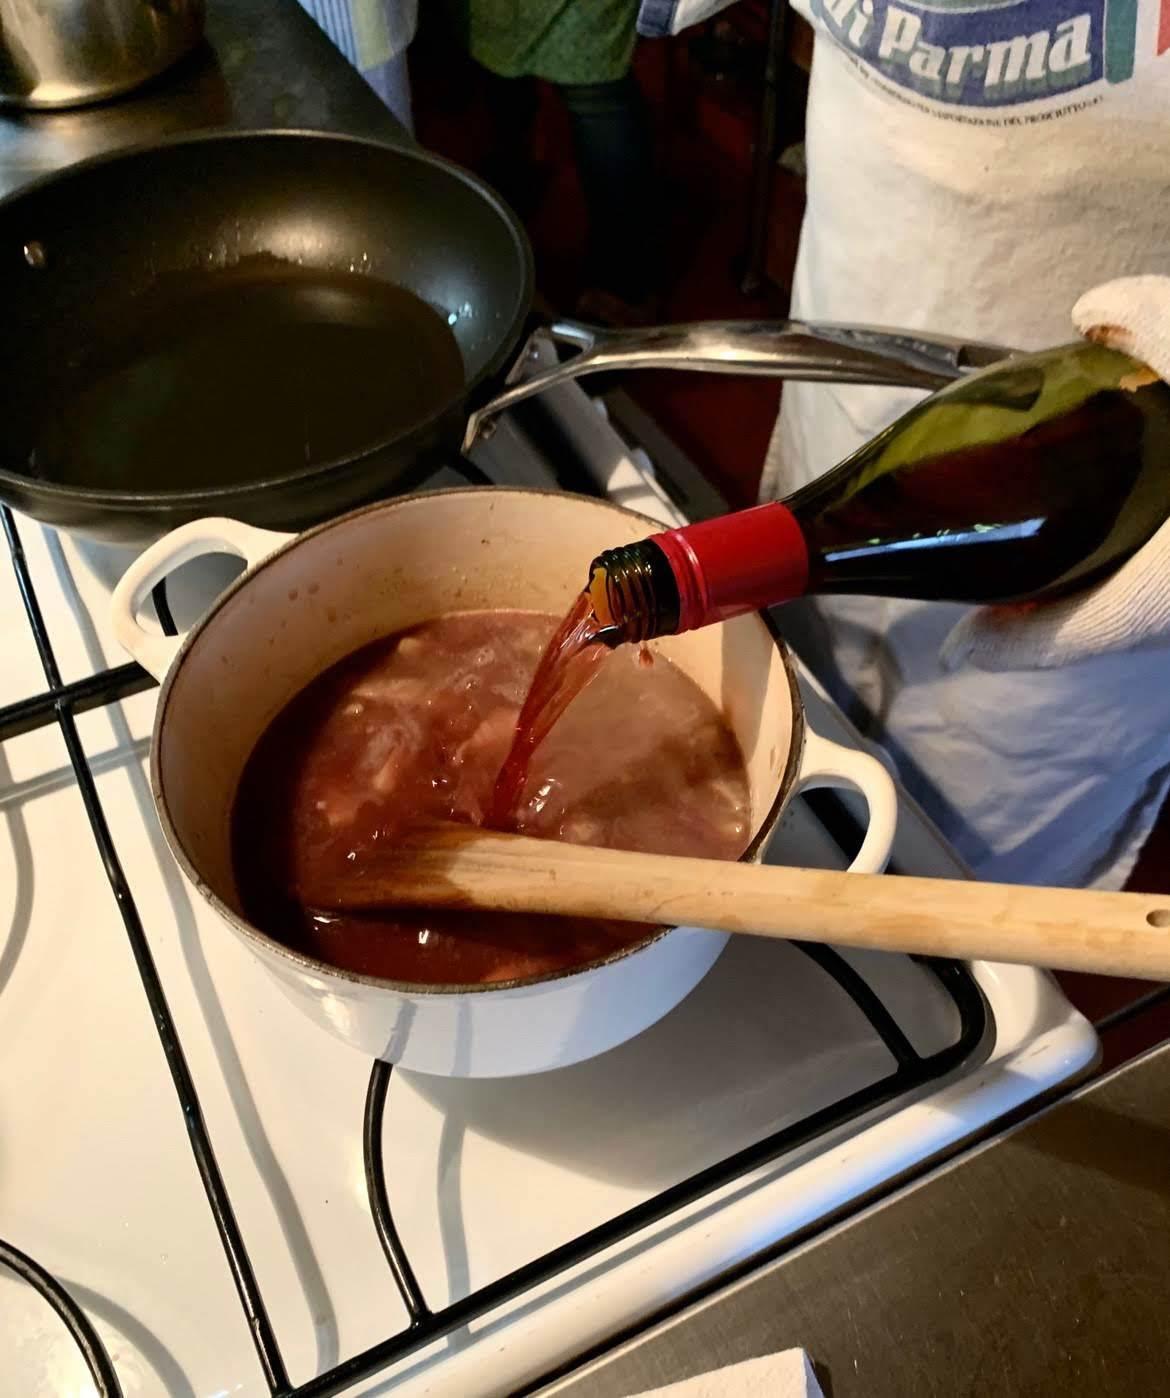 レストラン流、美味しいステーキの焼き方を習いました【サン・ファソン 本多シェフに習うフレンチ】_b0345136_20184926.jpg